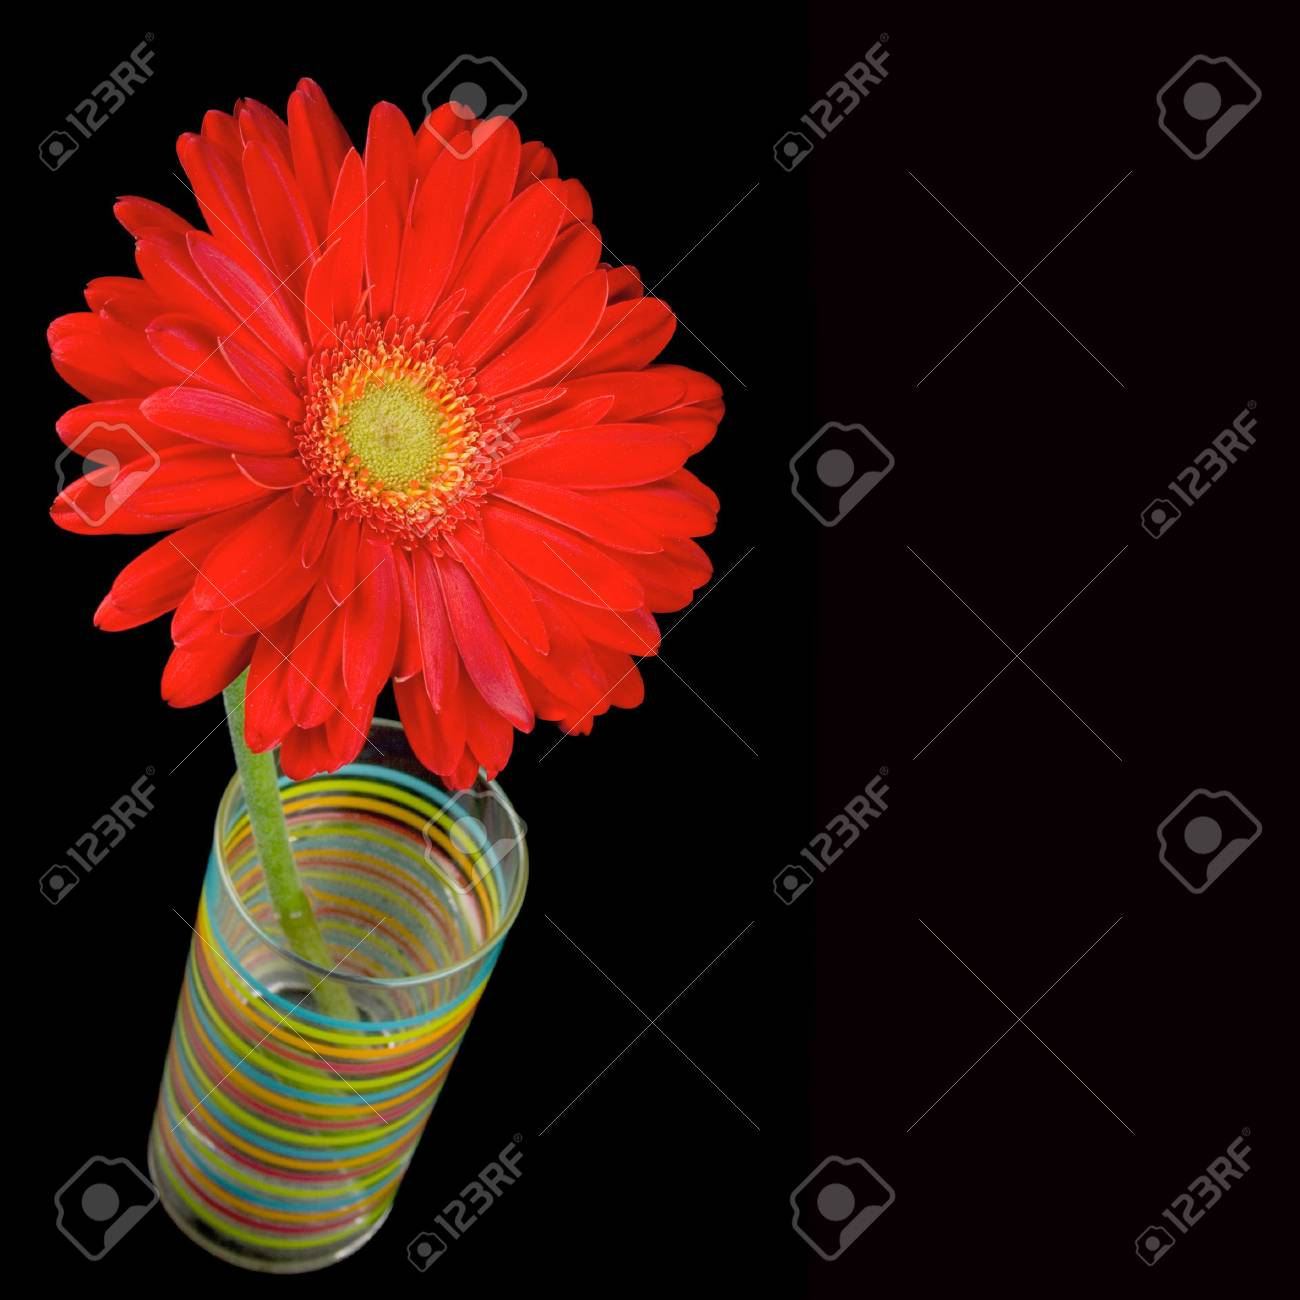 Immagini Stock Gerbera Closeup Fiore Rosso Su Sfondo Nero Image